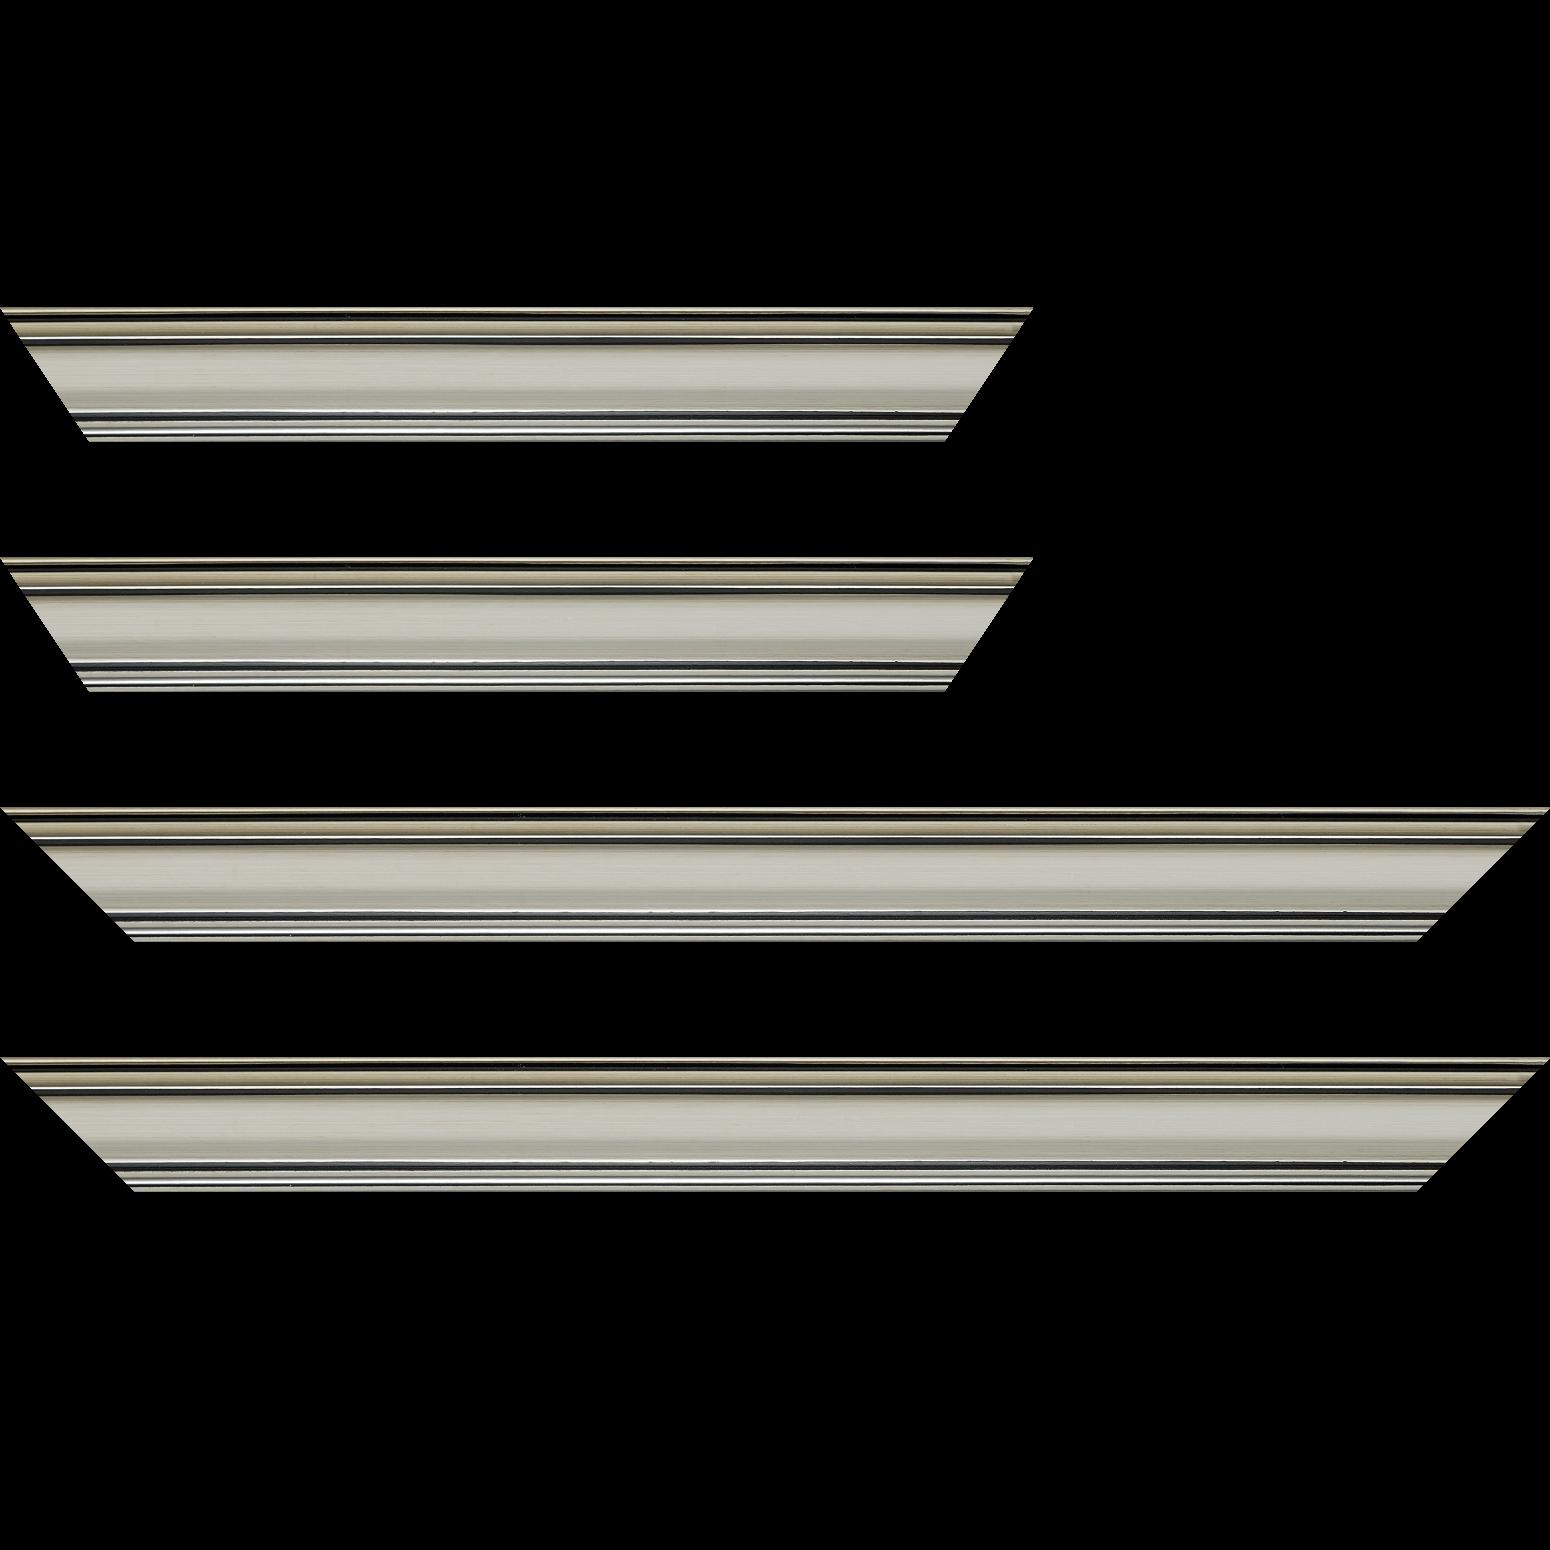 Baguette service précoupé bois profil bombé largeur 5cm couleur argent chaud filet noir